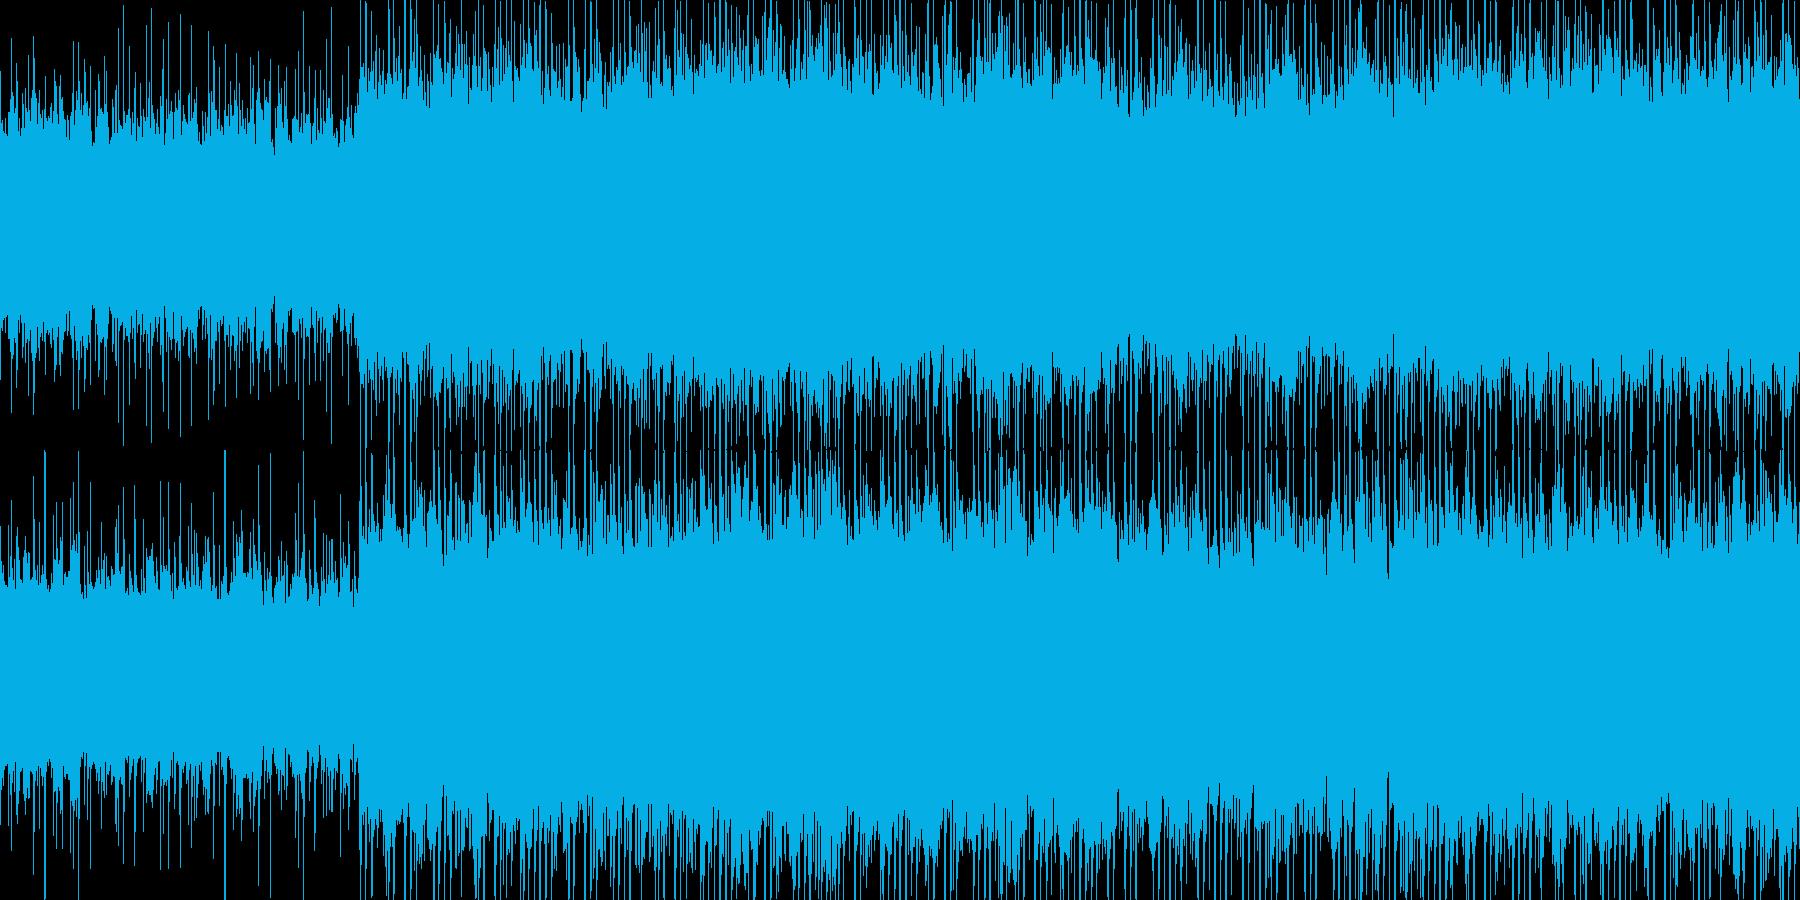 アコギ主体の爽やかなポップス3の再生済みの波形